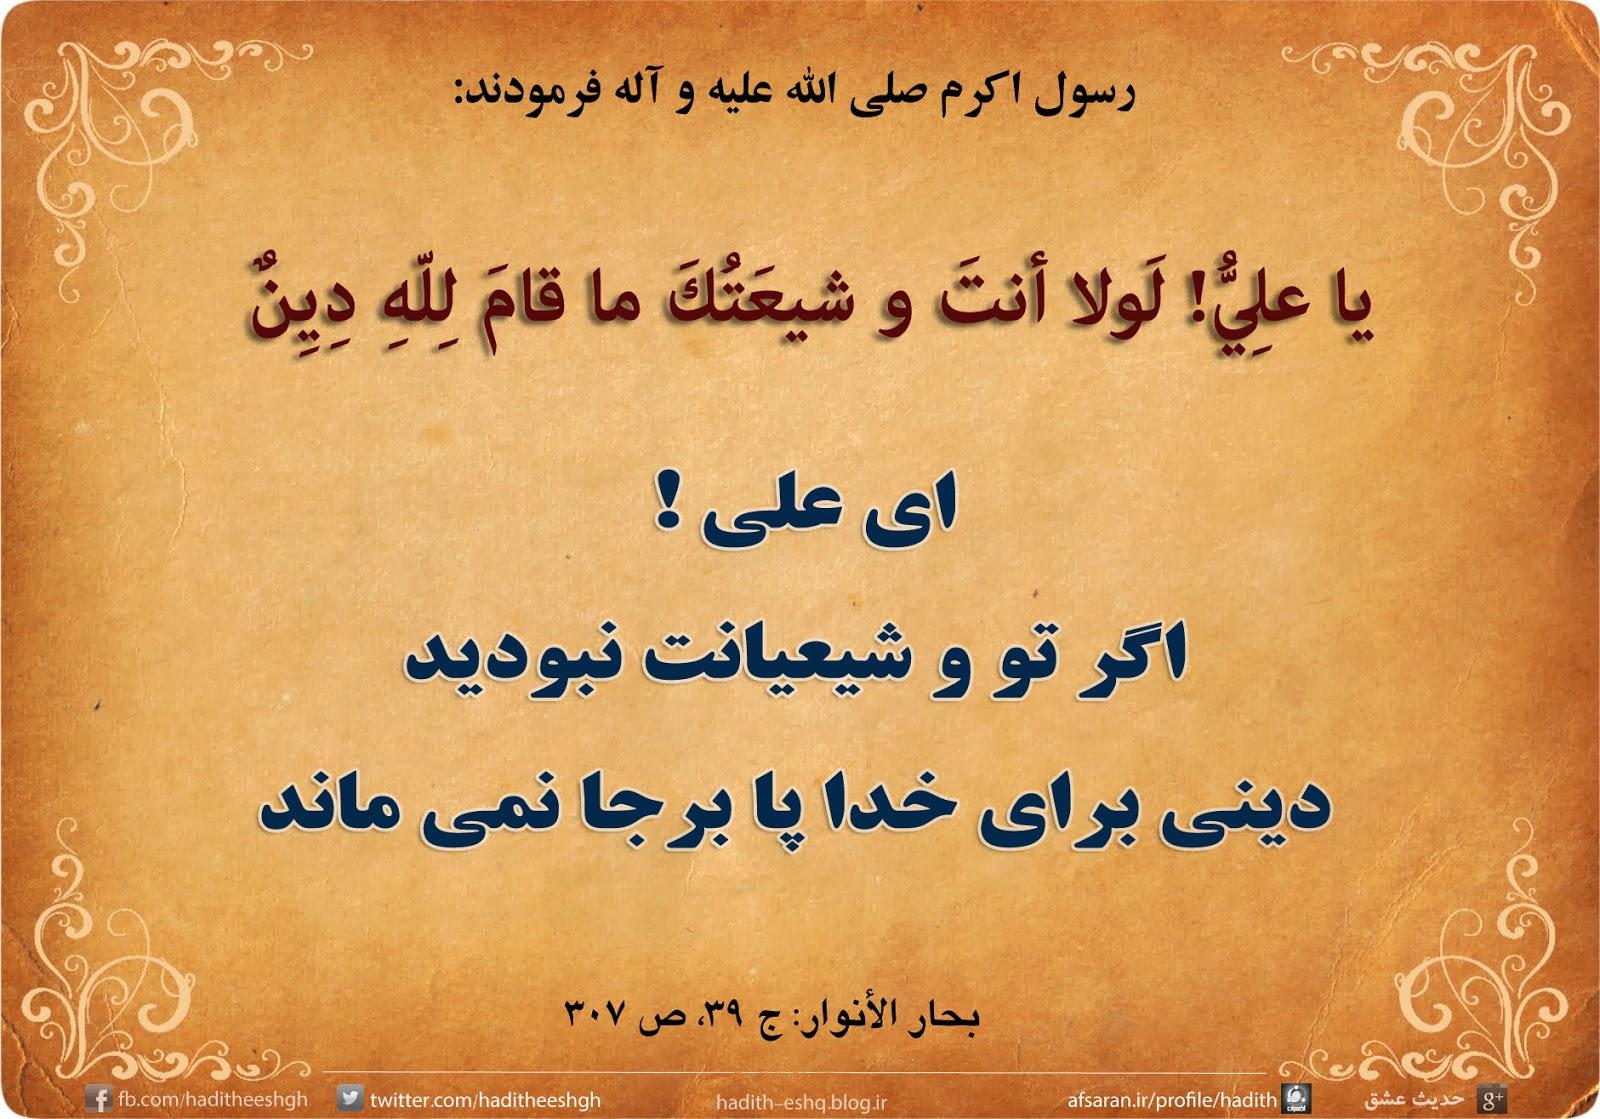 اگر علی (ع) و شیعیانش نبود، دینی باقی نمی ماند.